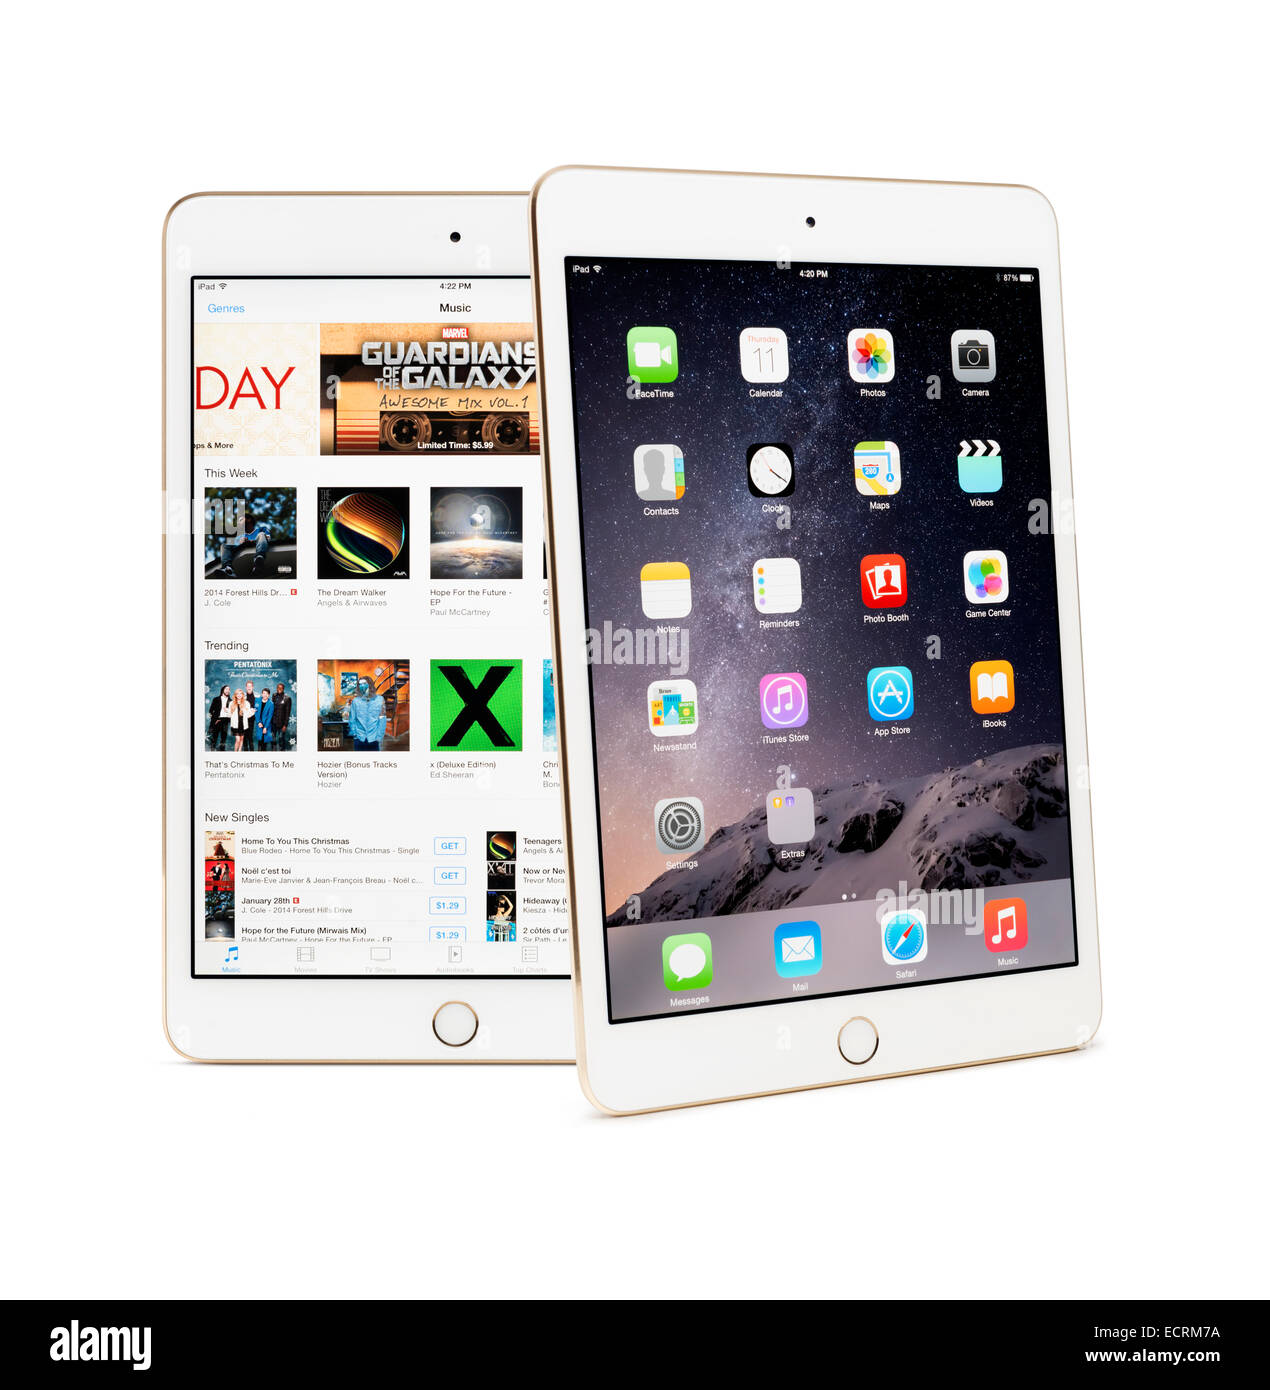 Dos Apple iPad Mini 3 tabletas con escritorio y iTunes Store en sus pantallas aislado sobre fondo blanco. Imagen De Stock